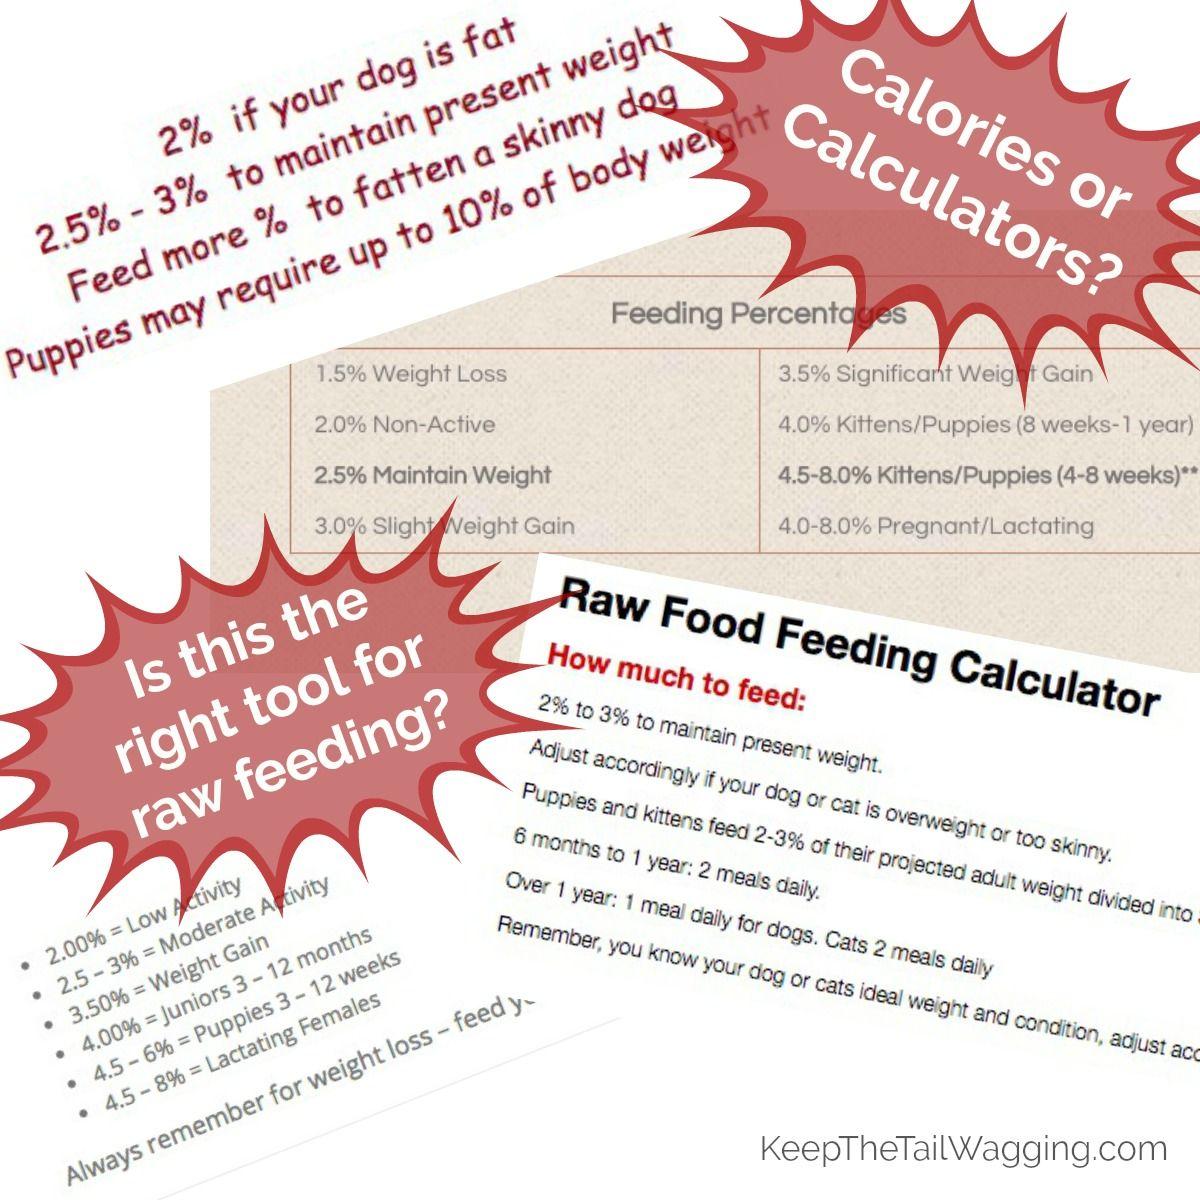 Should Raw Feeders Be Using A Raw Feeding Calculator Or Should We